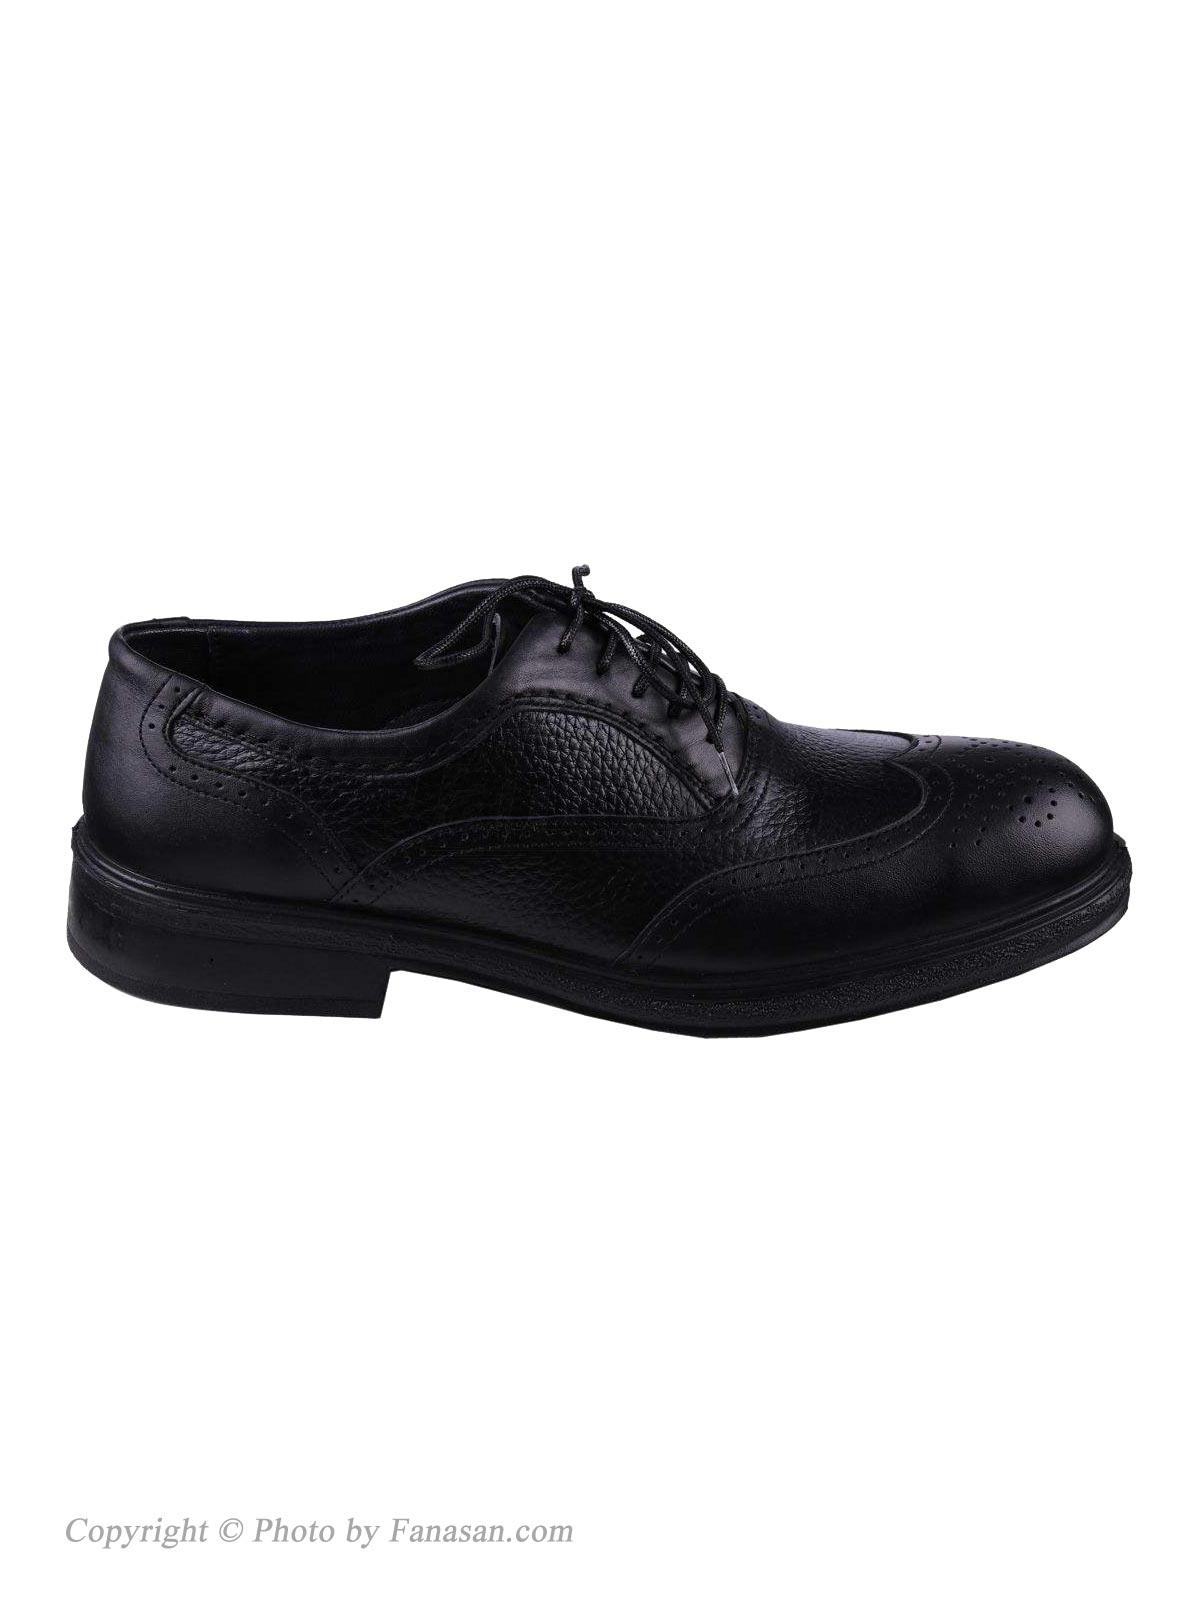 کفش چرم مردانه نهرین طرح هشت ترک مشکی سایز 41